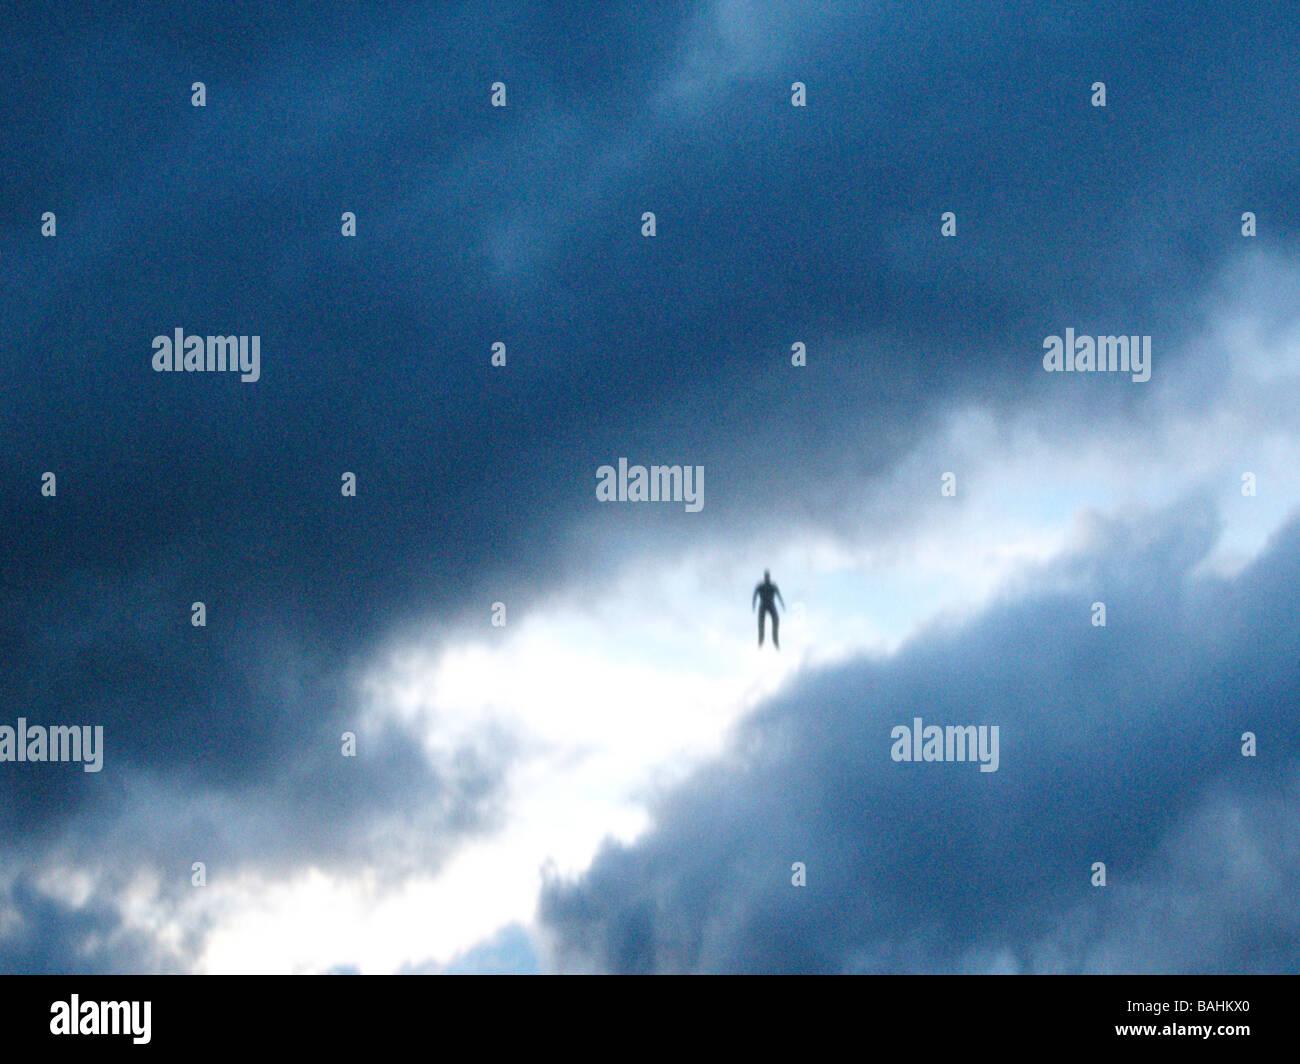 Flying Humanoid - Stock Image